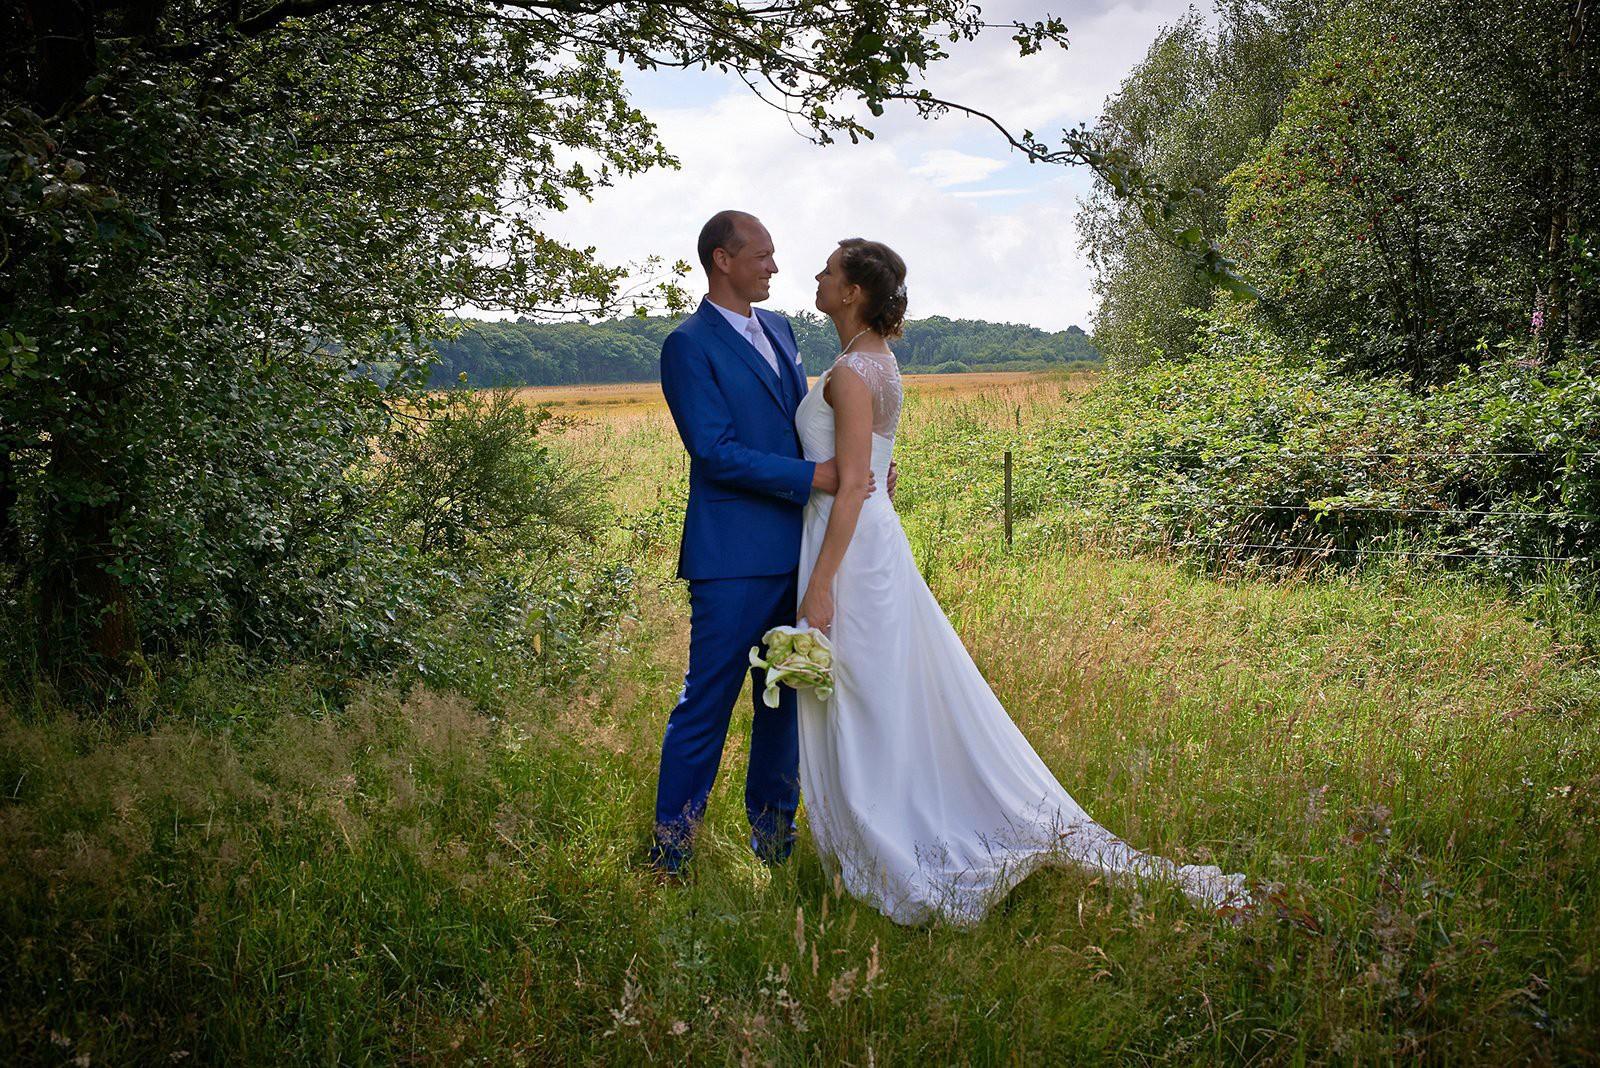 Afbeelding: Uw mooiste dag gefotografeerd door een professioneel fotograaf, foto Van Huffel te Hoogstraten.